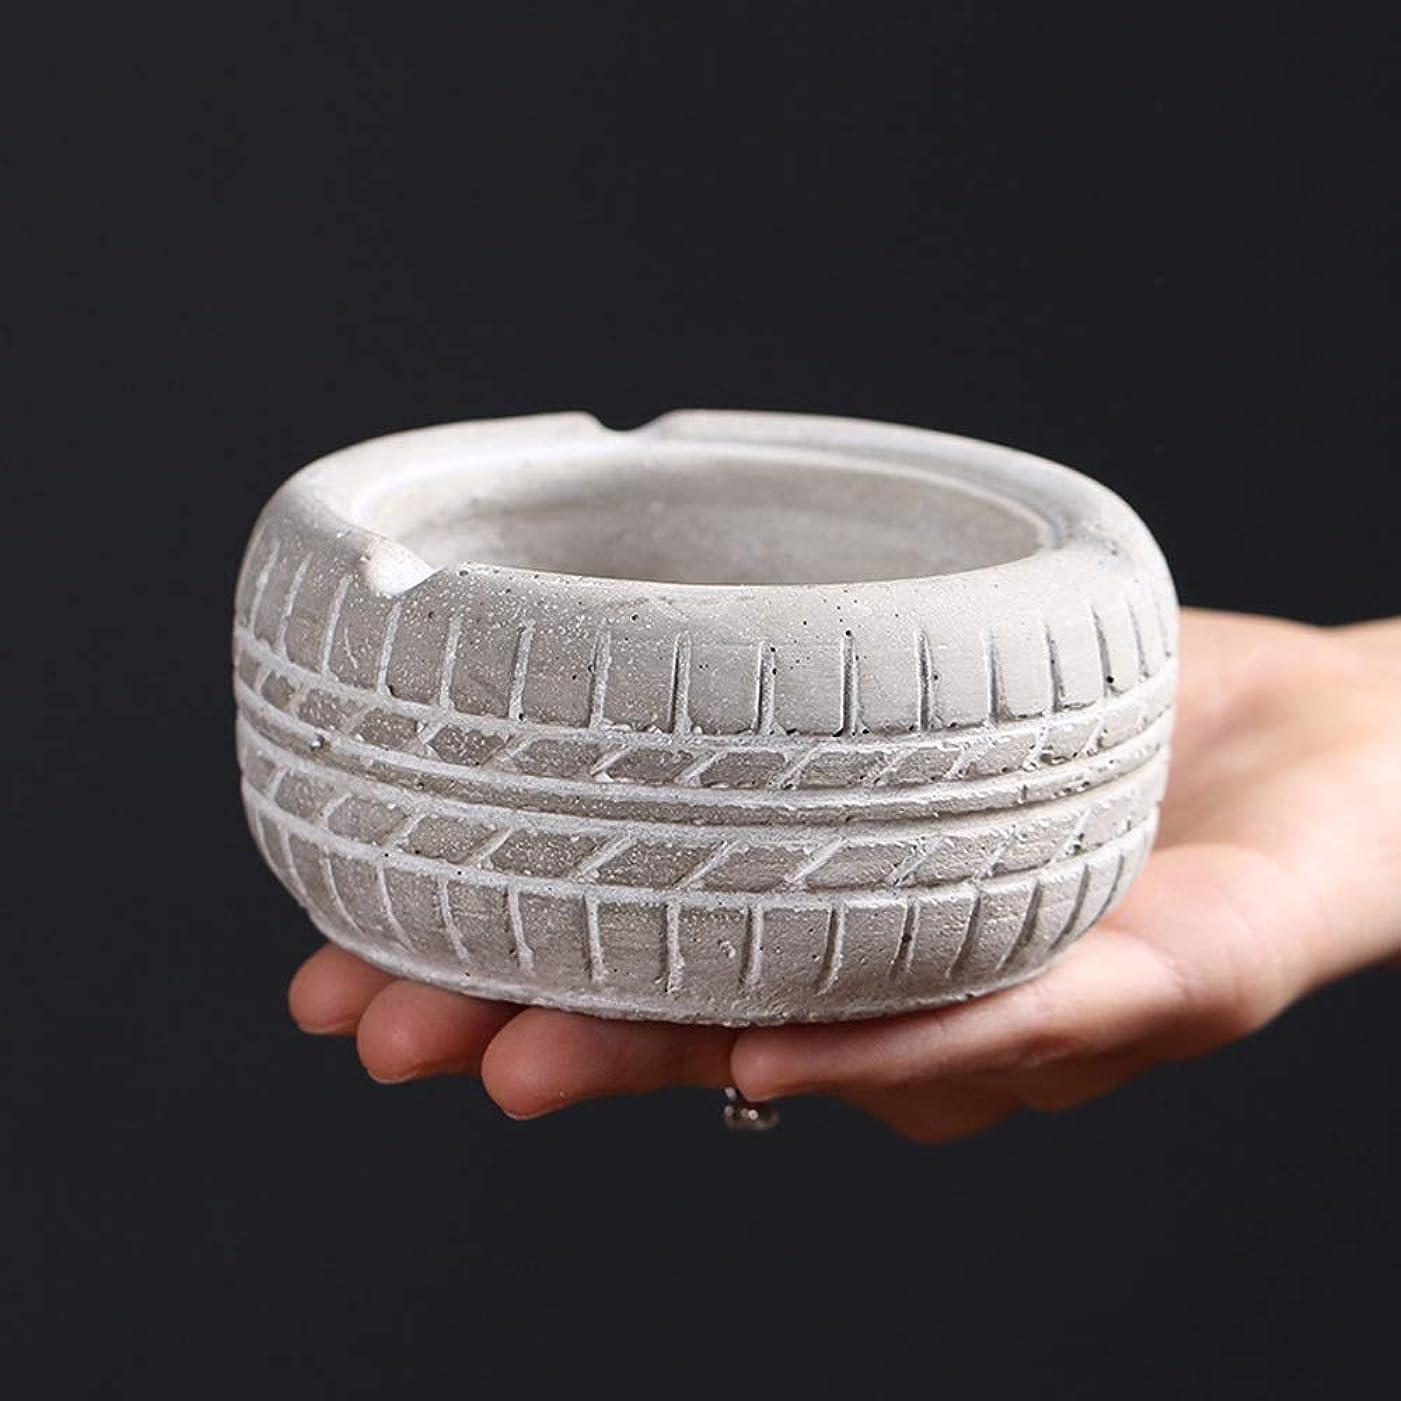 降雨公平な恨みレトロな灰皿のタイヤの形、パーソナライズされた創造的な灰皿のデスクトップの装飾品、から選択するさまざまな色 (Size : 白)